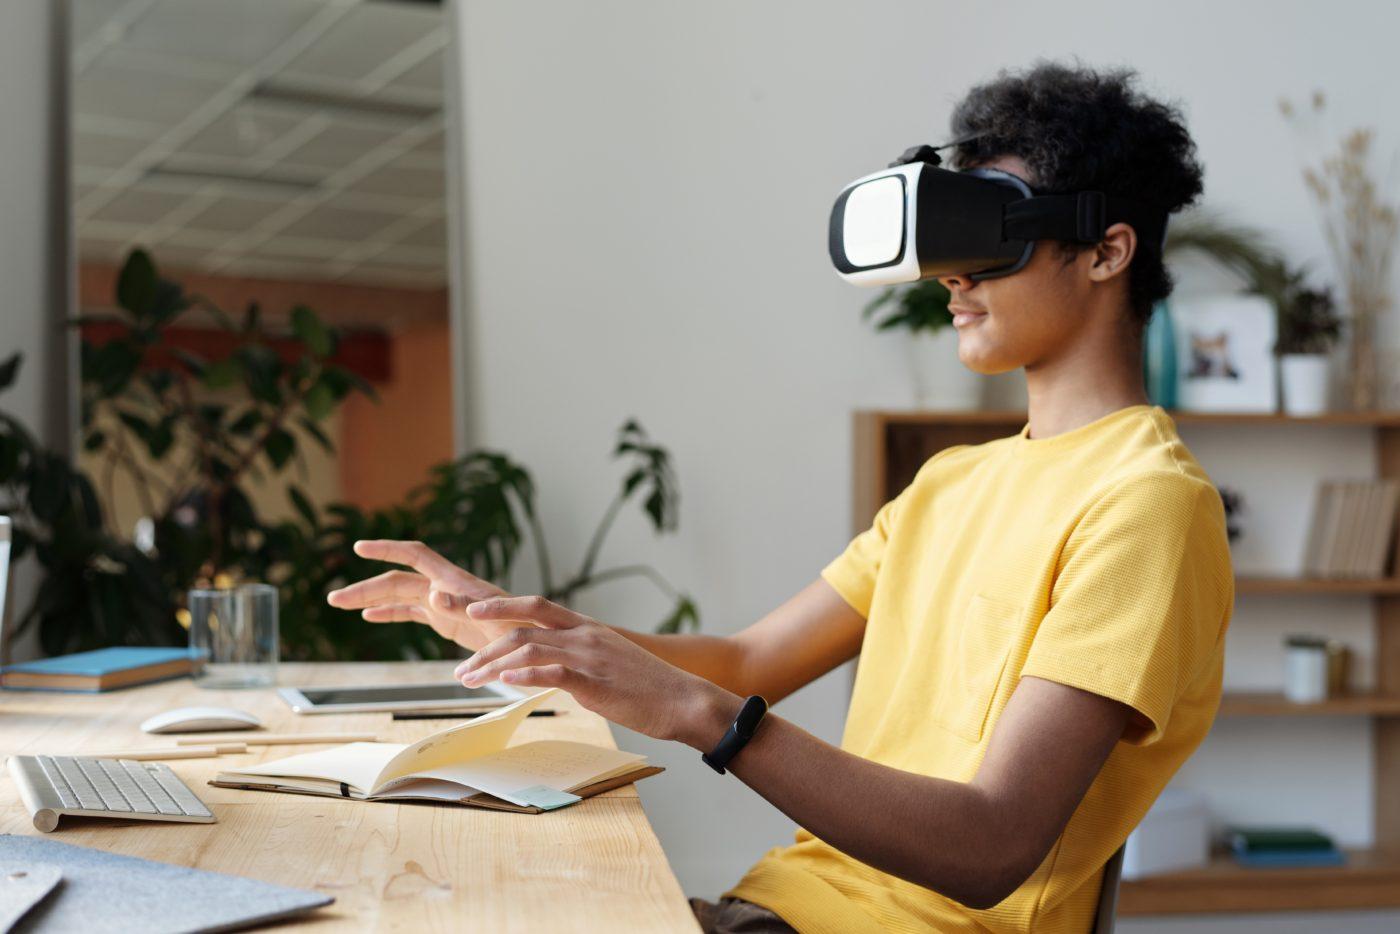 VRを面接トレーニングに活用するメリット イメージ